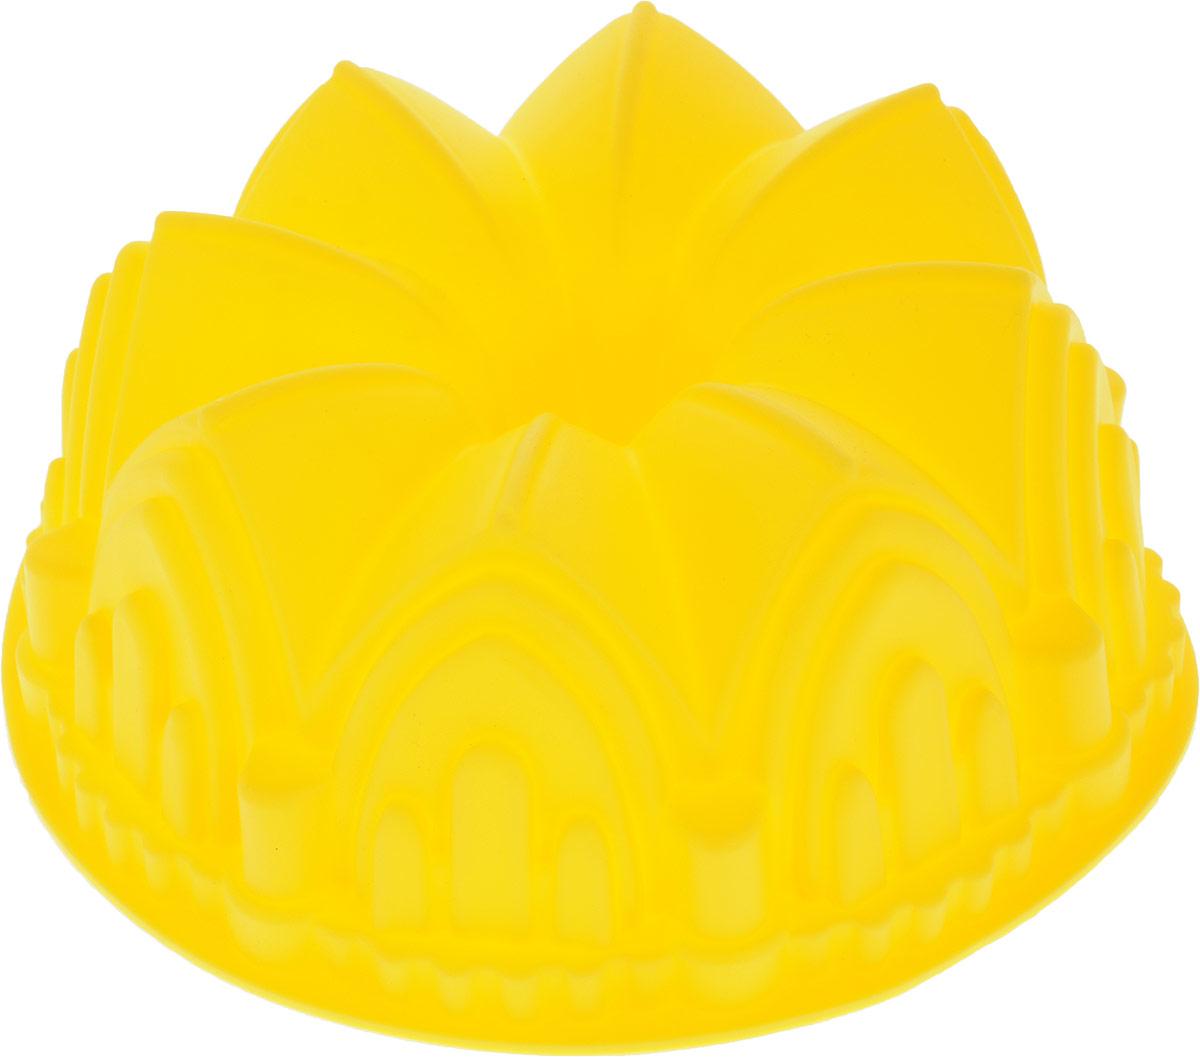 Форма для выпечки Доляна Замок, цвет: желтый, 22 х 8 см651943_желтыйФорма для выпечки из силикона - современное решение для практичных и радушных хозяек. Оригинальный предмет позволяет готовить в духовке любимые блюда из мяса, рыбы, птицы и овощей, а также вкуснейшую выпечку!Почему это изделие должно быть на кухне?- блюдо сохраняет нужную форму и легко отделяется от стенок после приготовления,- высокая термостойкость (от - 40 до 230° С) позволяет применять форму в духовых шкафах и морозильных камерах,- небольшая масса делает эксплуатацию предмета простой даже для хрупкой женщины,- силикон пригоден для посудомоечных машин,- высокопрочный материал делает форму долговечным инструментом,- при хранении предмет занимает мало места.Советы по использованию формы:- перед первым применением промойте предмет теплой водой,- в процессе приготовления используйте кухонный инструмент из дерева, пластика или силикона,- перед извлечением блюда из силиконовой формы дайте ему немного остыть, осторожно отогните края предмета.Готовьте с удовольствием!